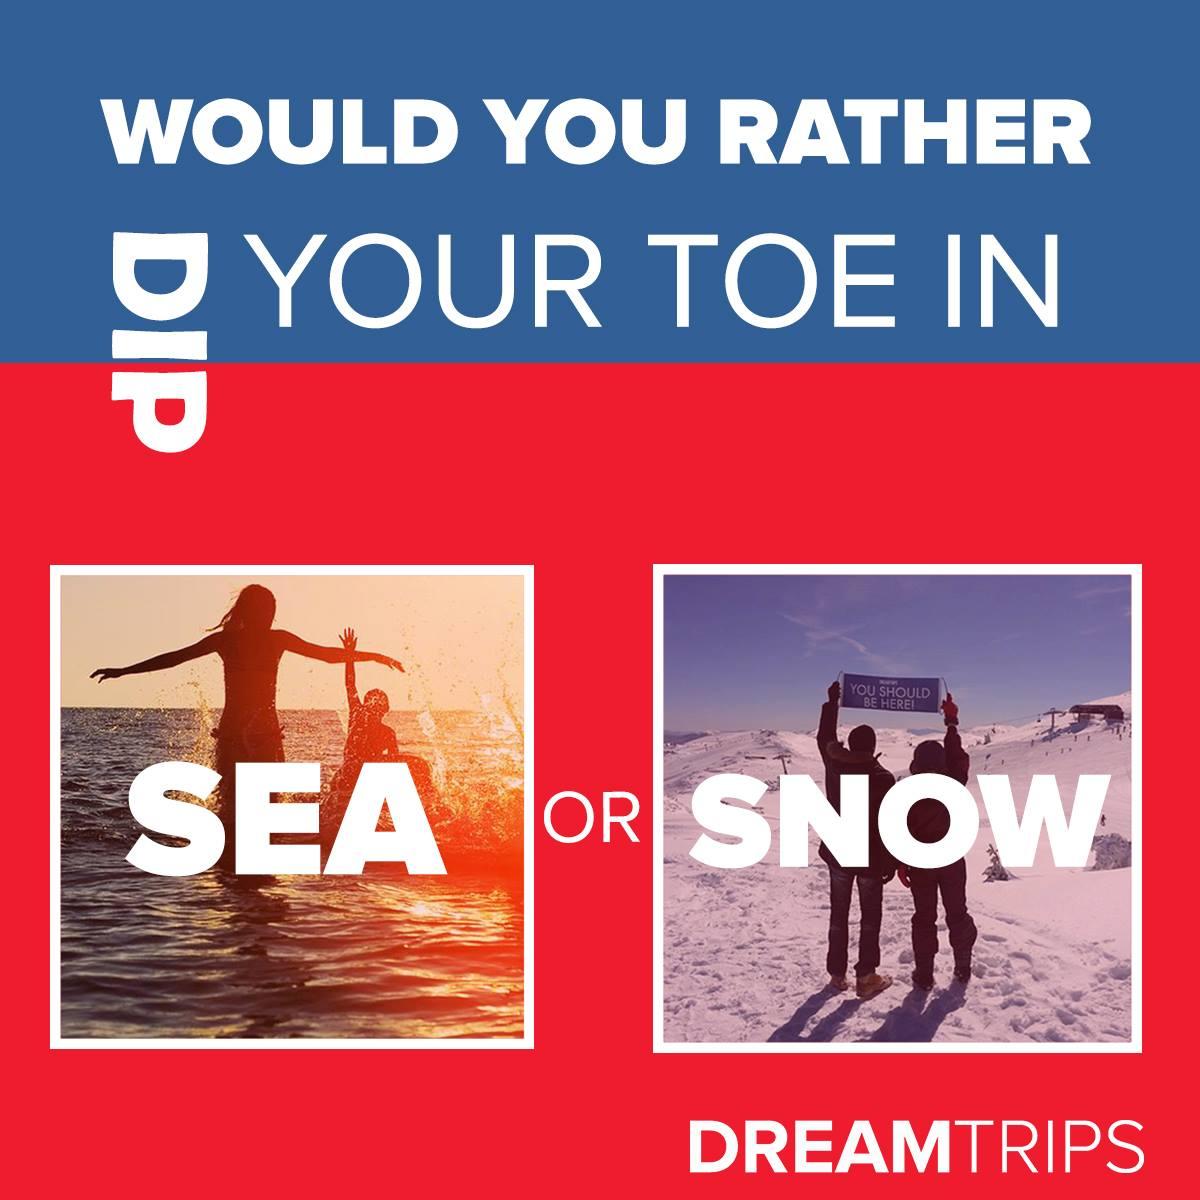 玩水还是玩雪?